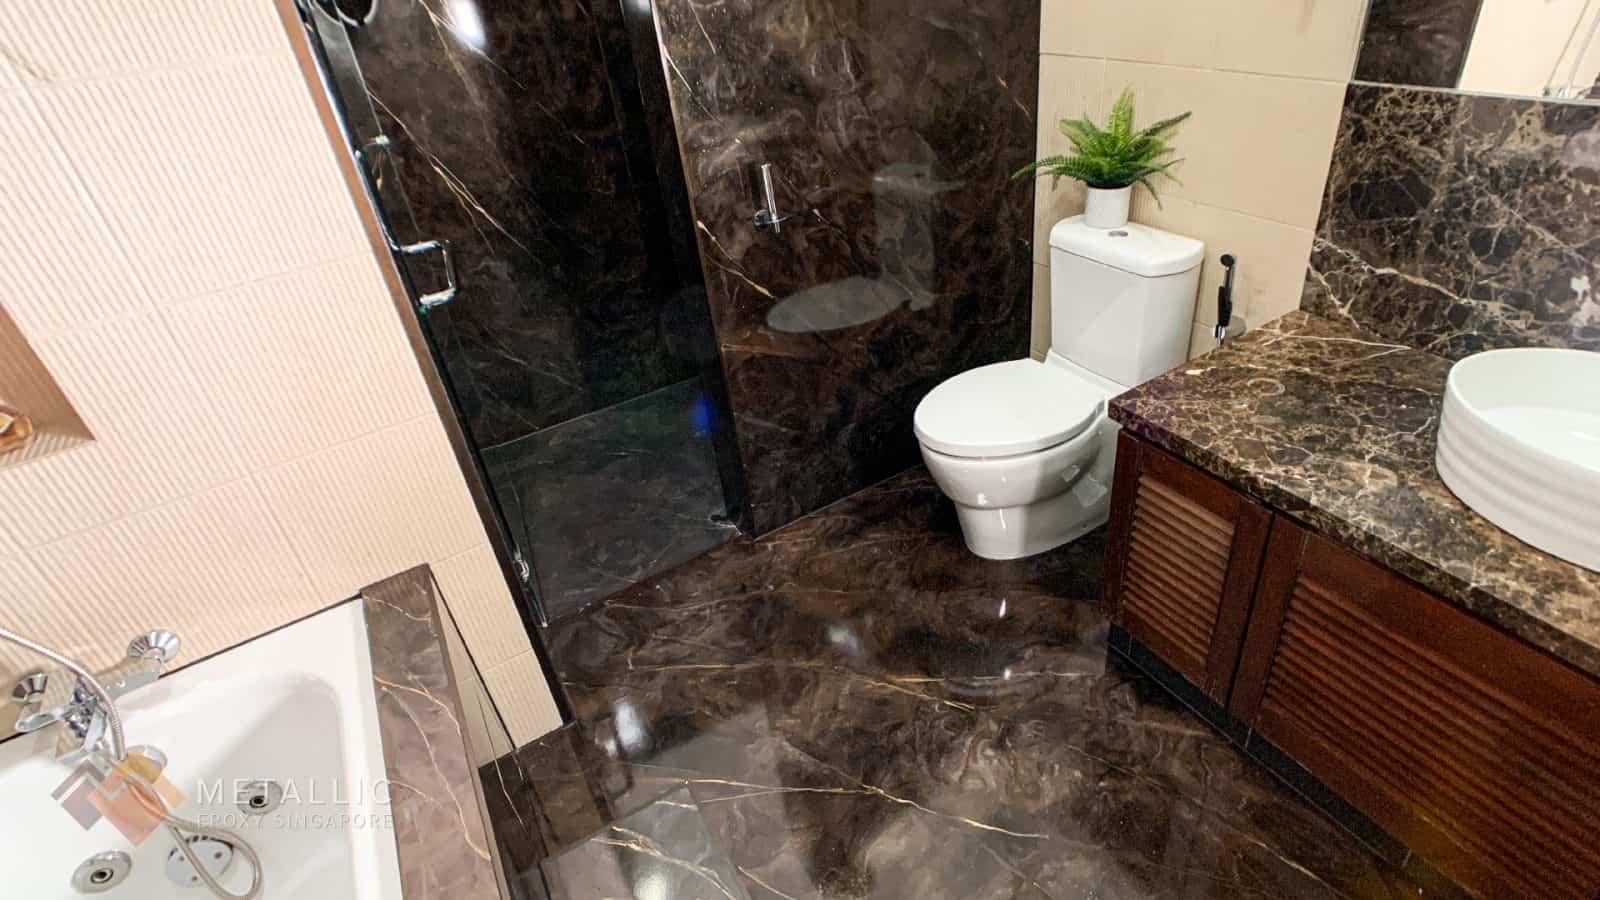 Gold Mocha Mosaic Bathroom